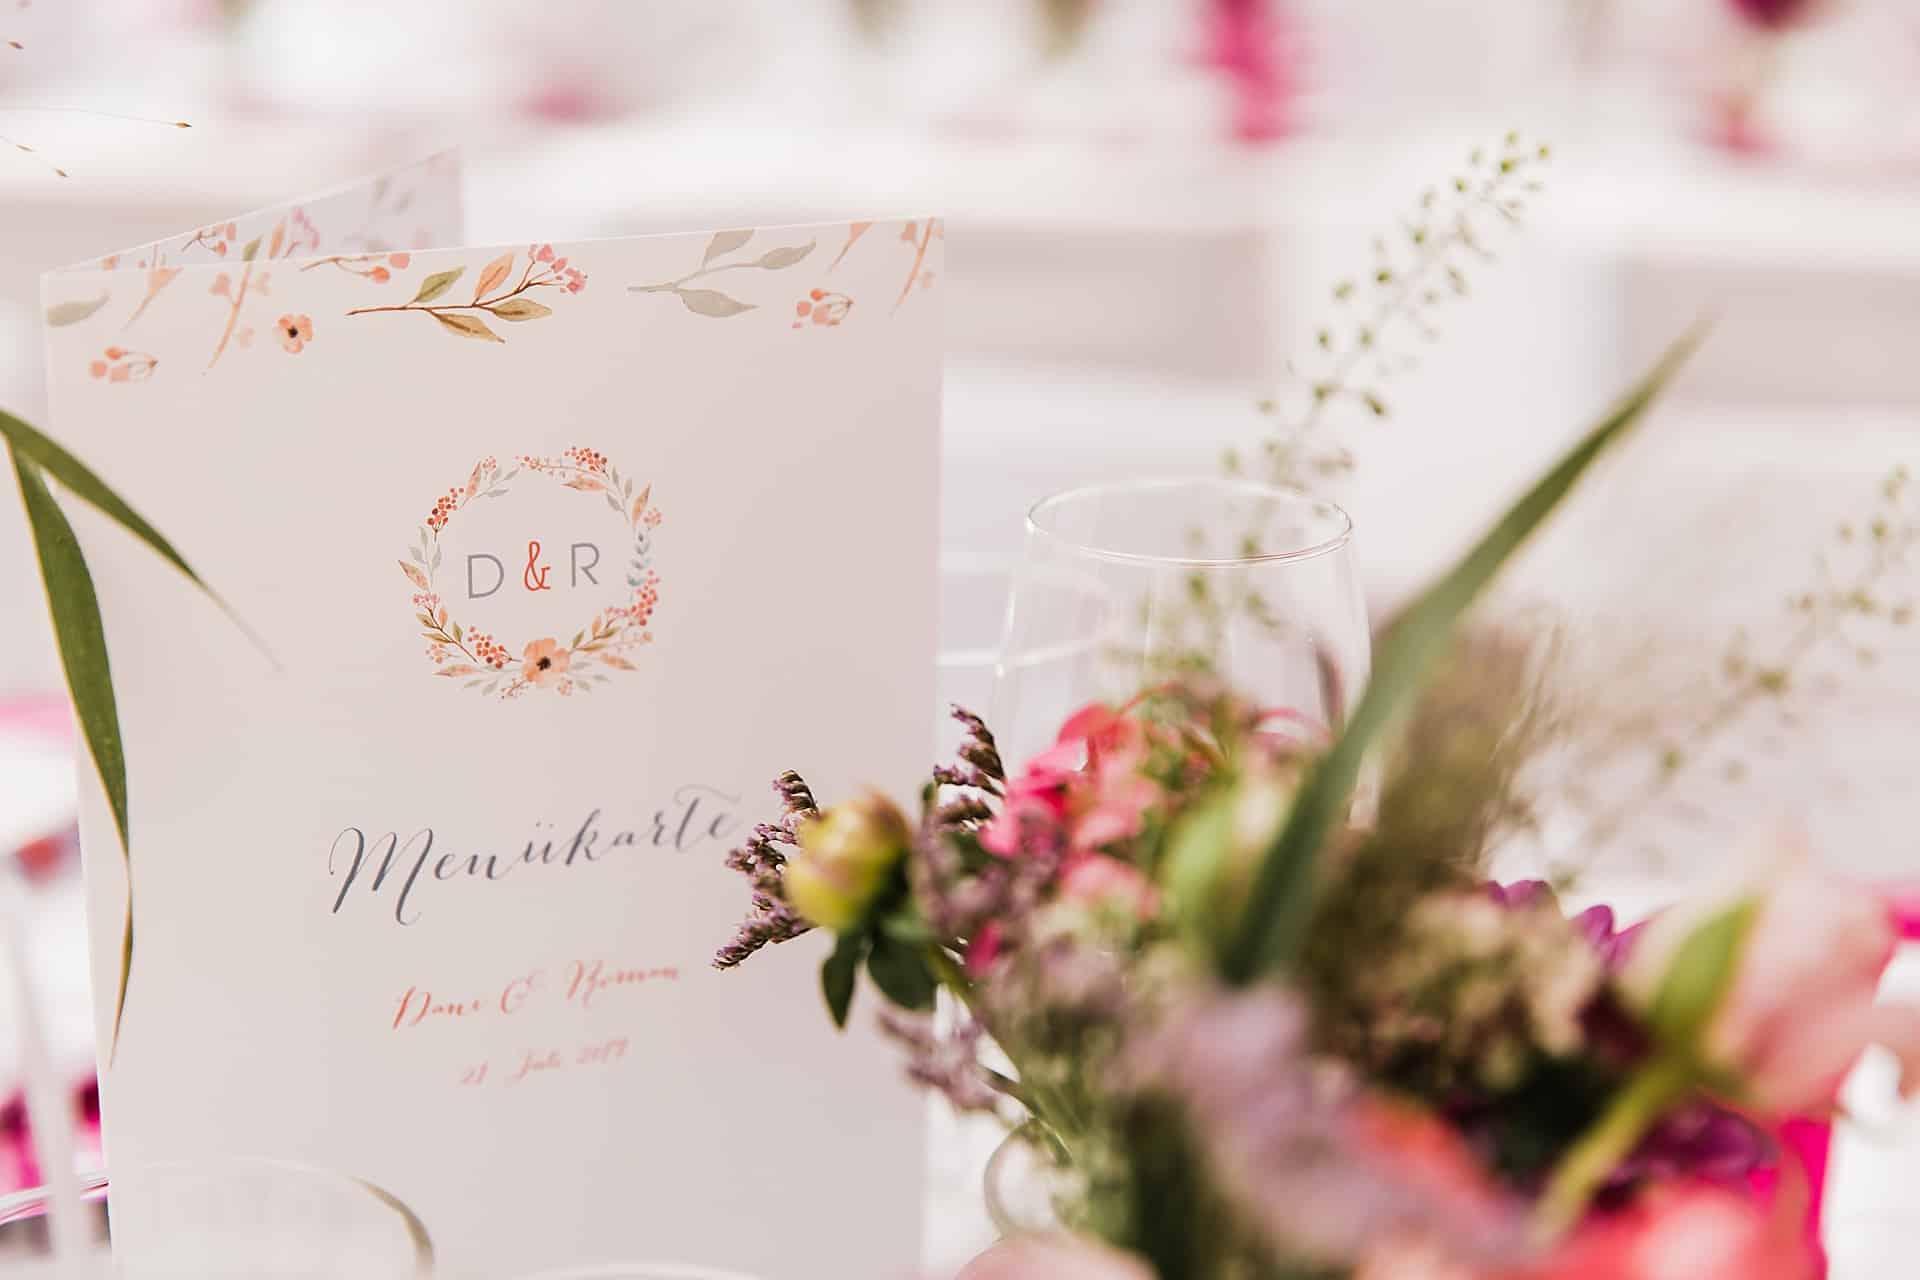 hochzeitsplanung-weddingplanner-ihringen-lenzenberg_0791